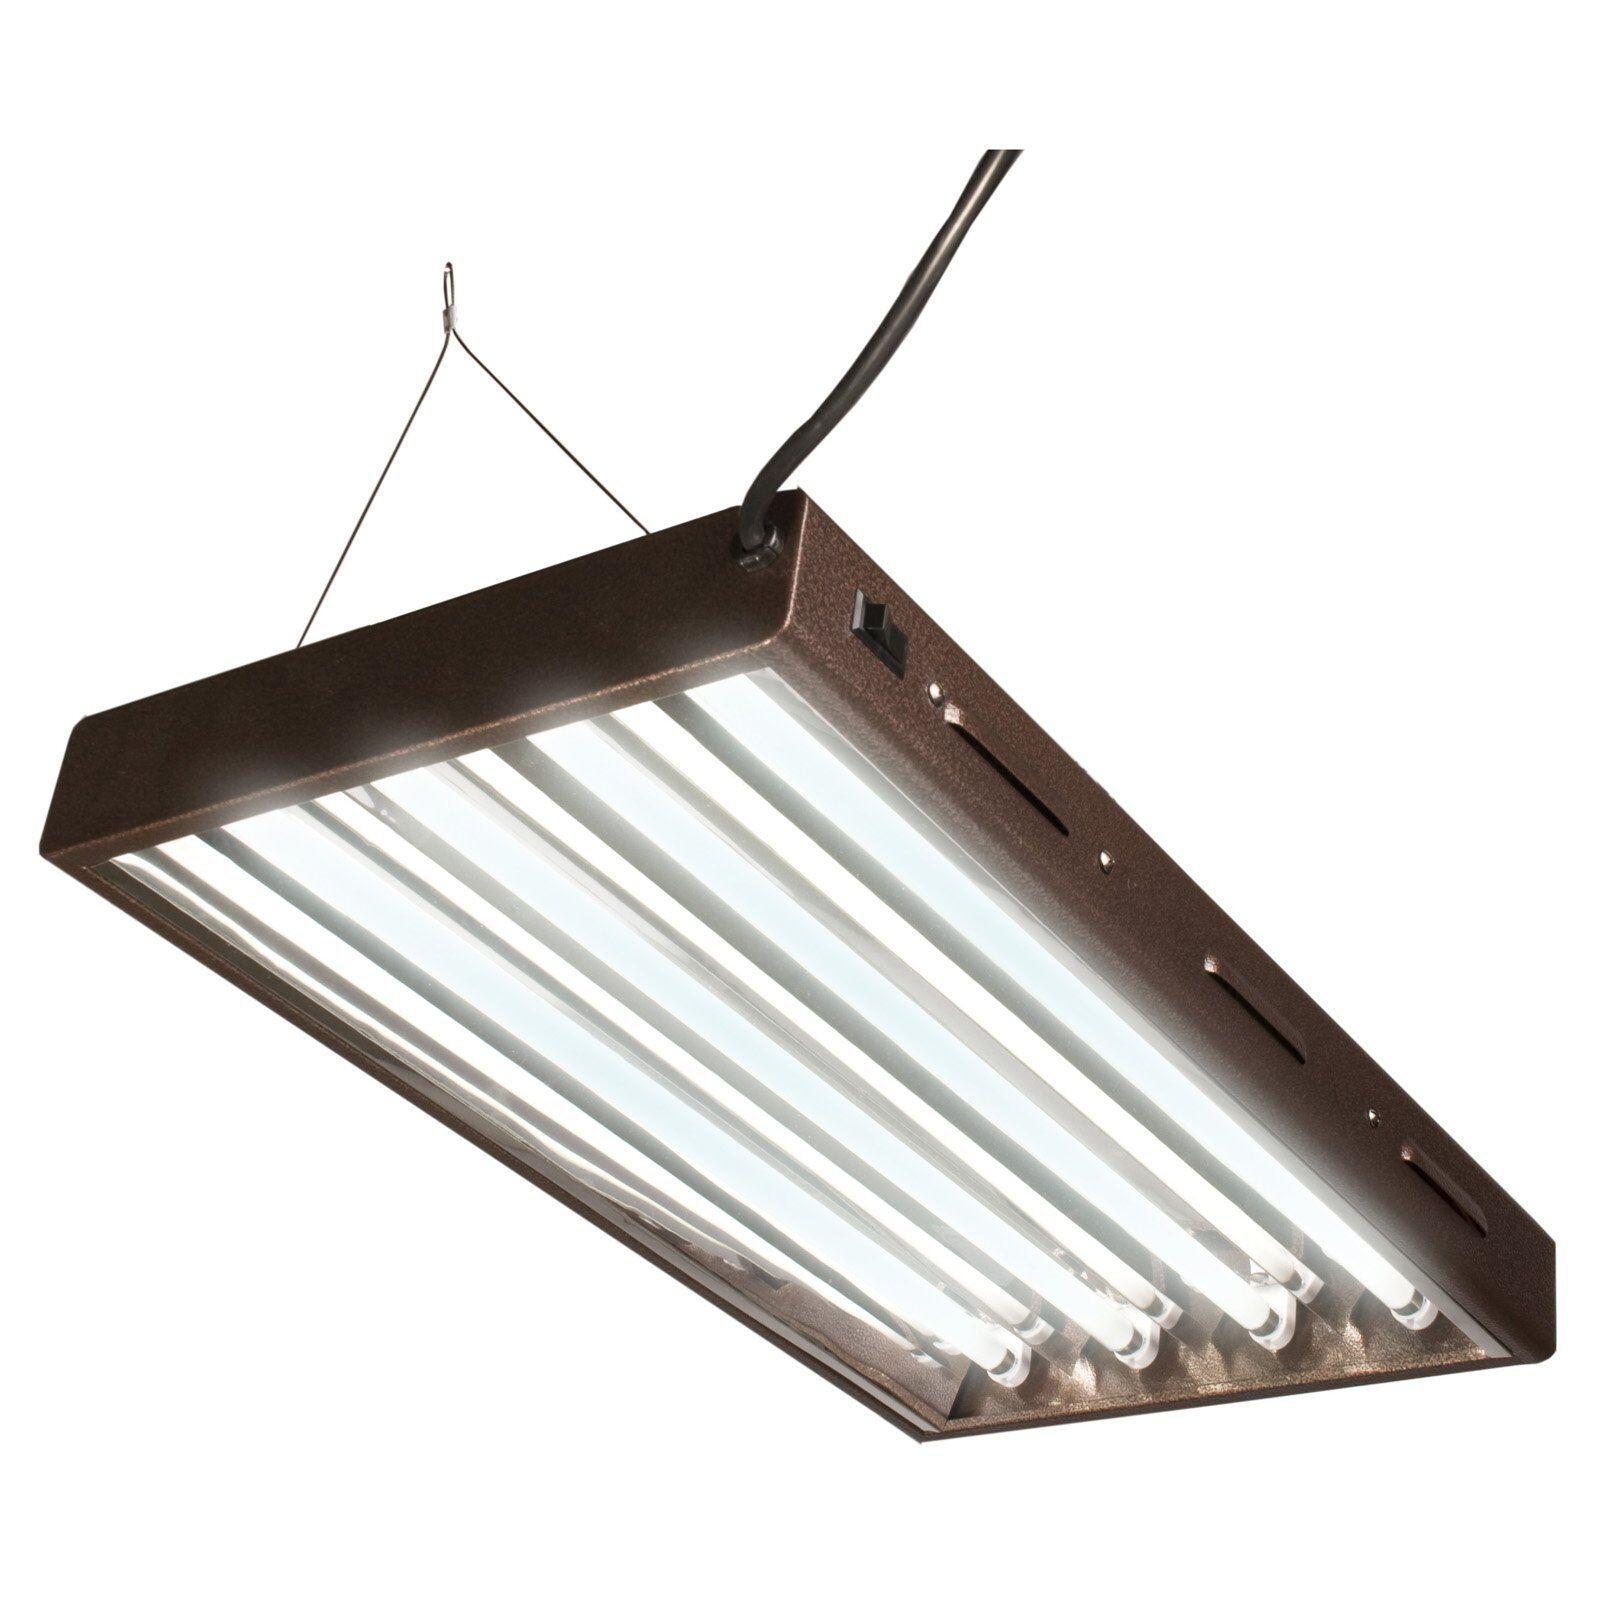 IMPIANTO di propagazione idroponica Grow Light t5 TUBO CFL a BASSO CONSUMO ENERGETICO Lightwave